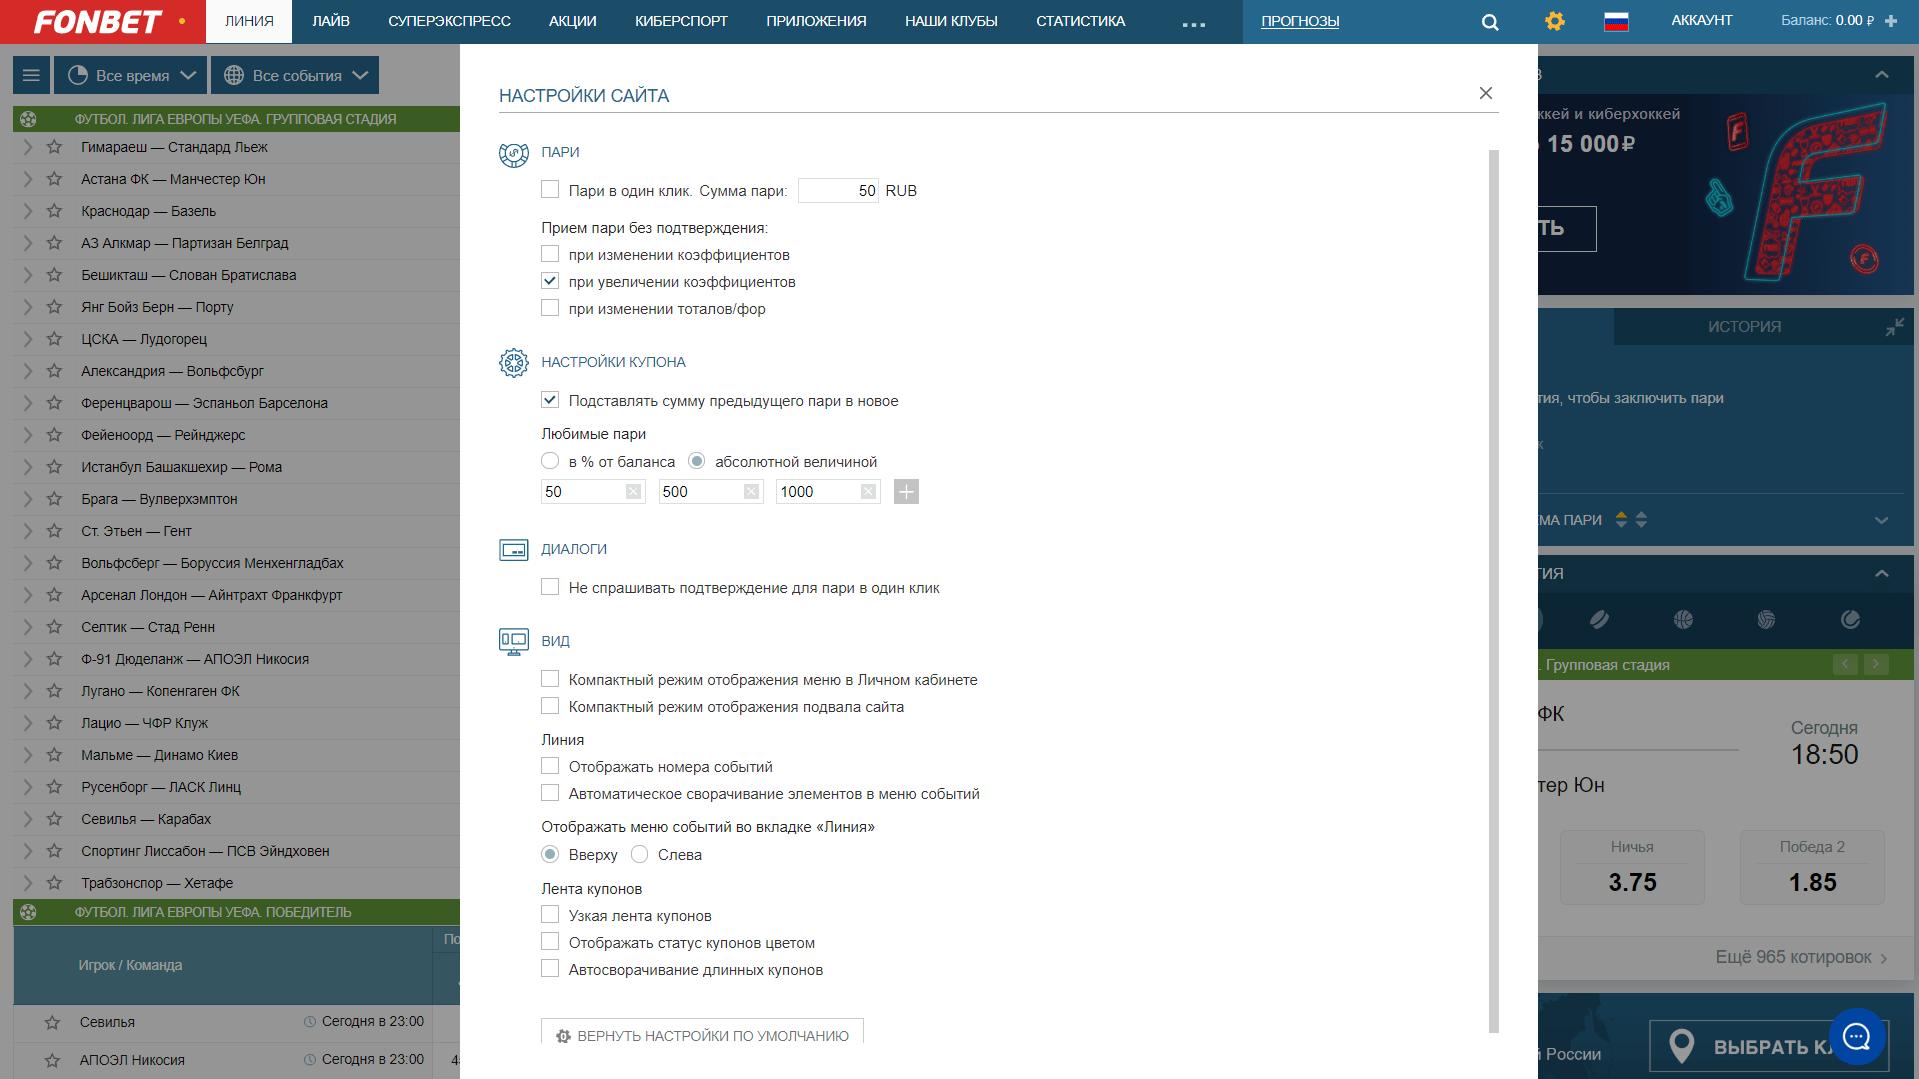 Как найти официальный сайт БК Фонбет?